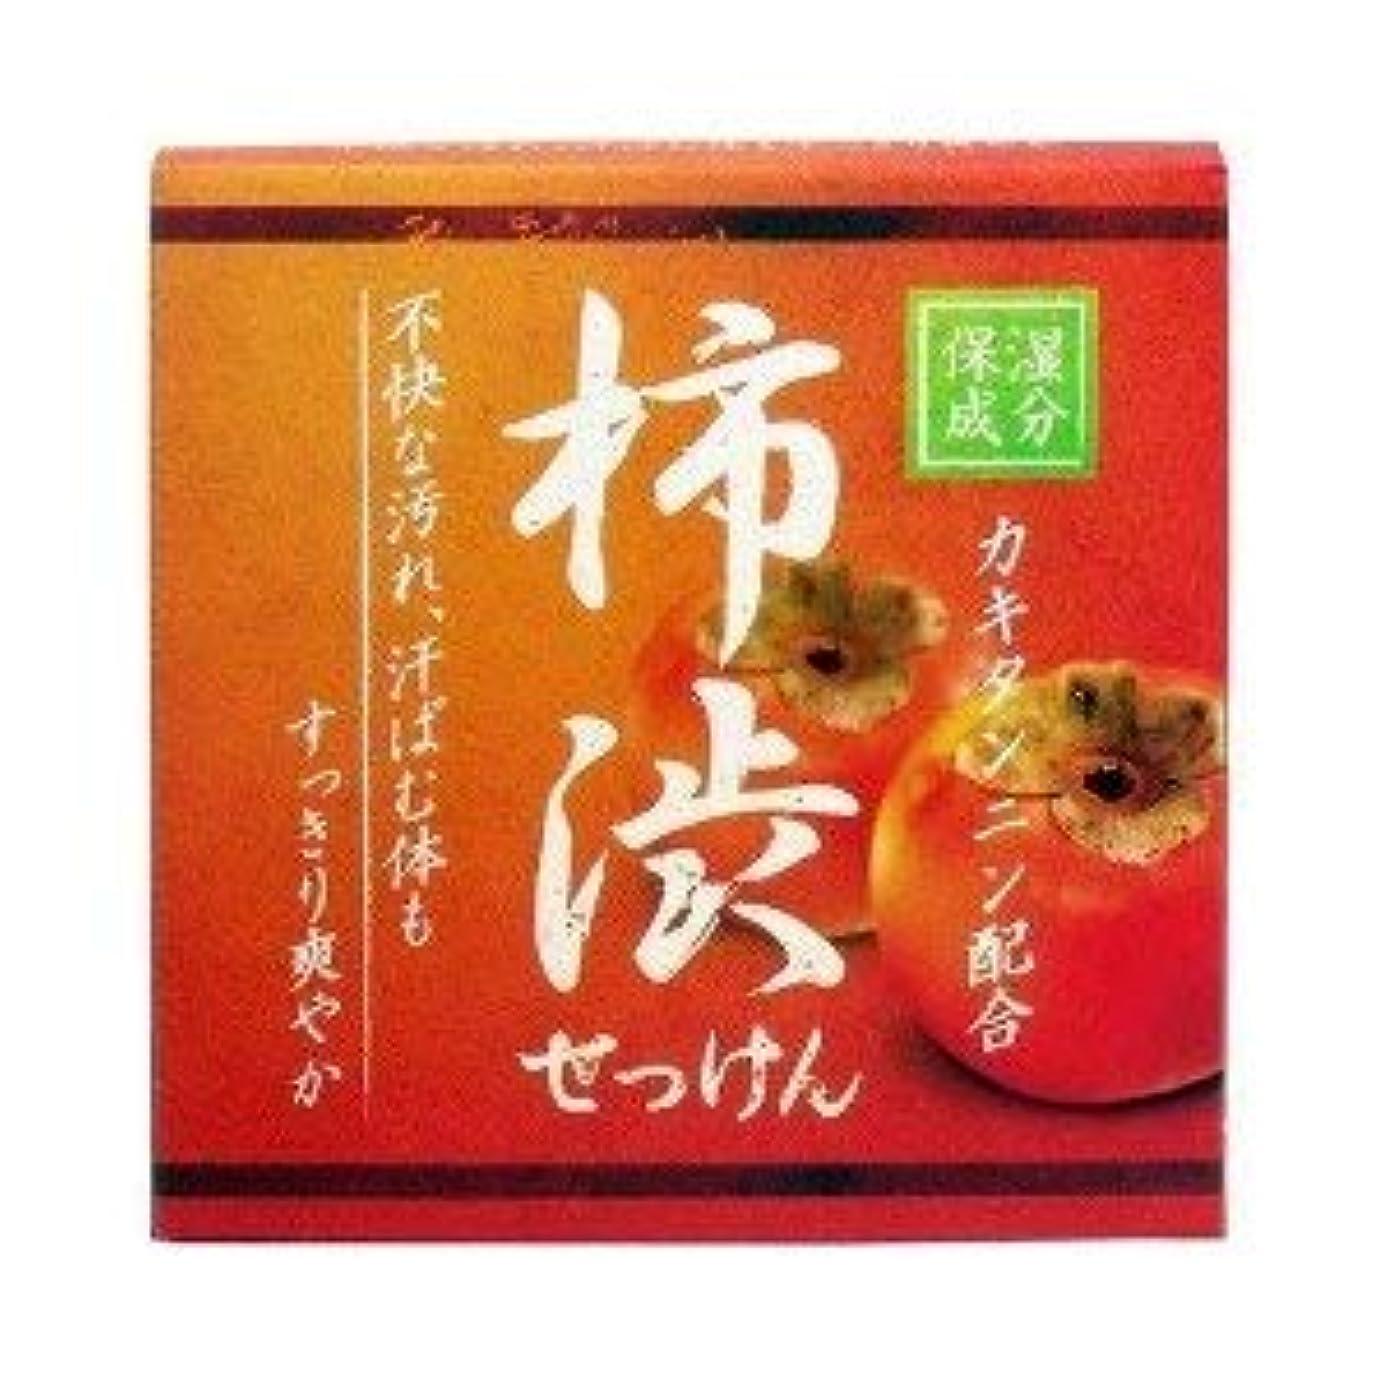 アスペクト真剣に震える柿渋配合せっけん カキタンニン配合保湿成分 80g×2 2個1セット 石鹸